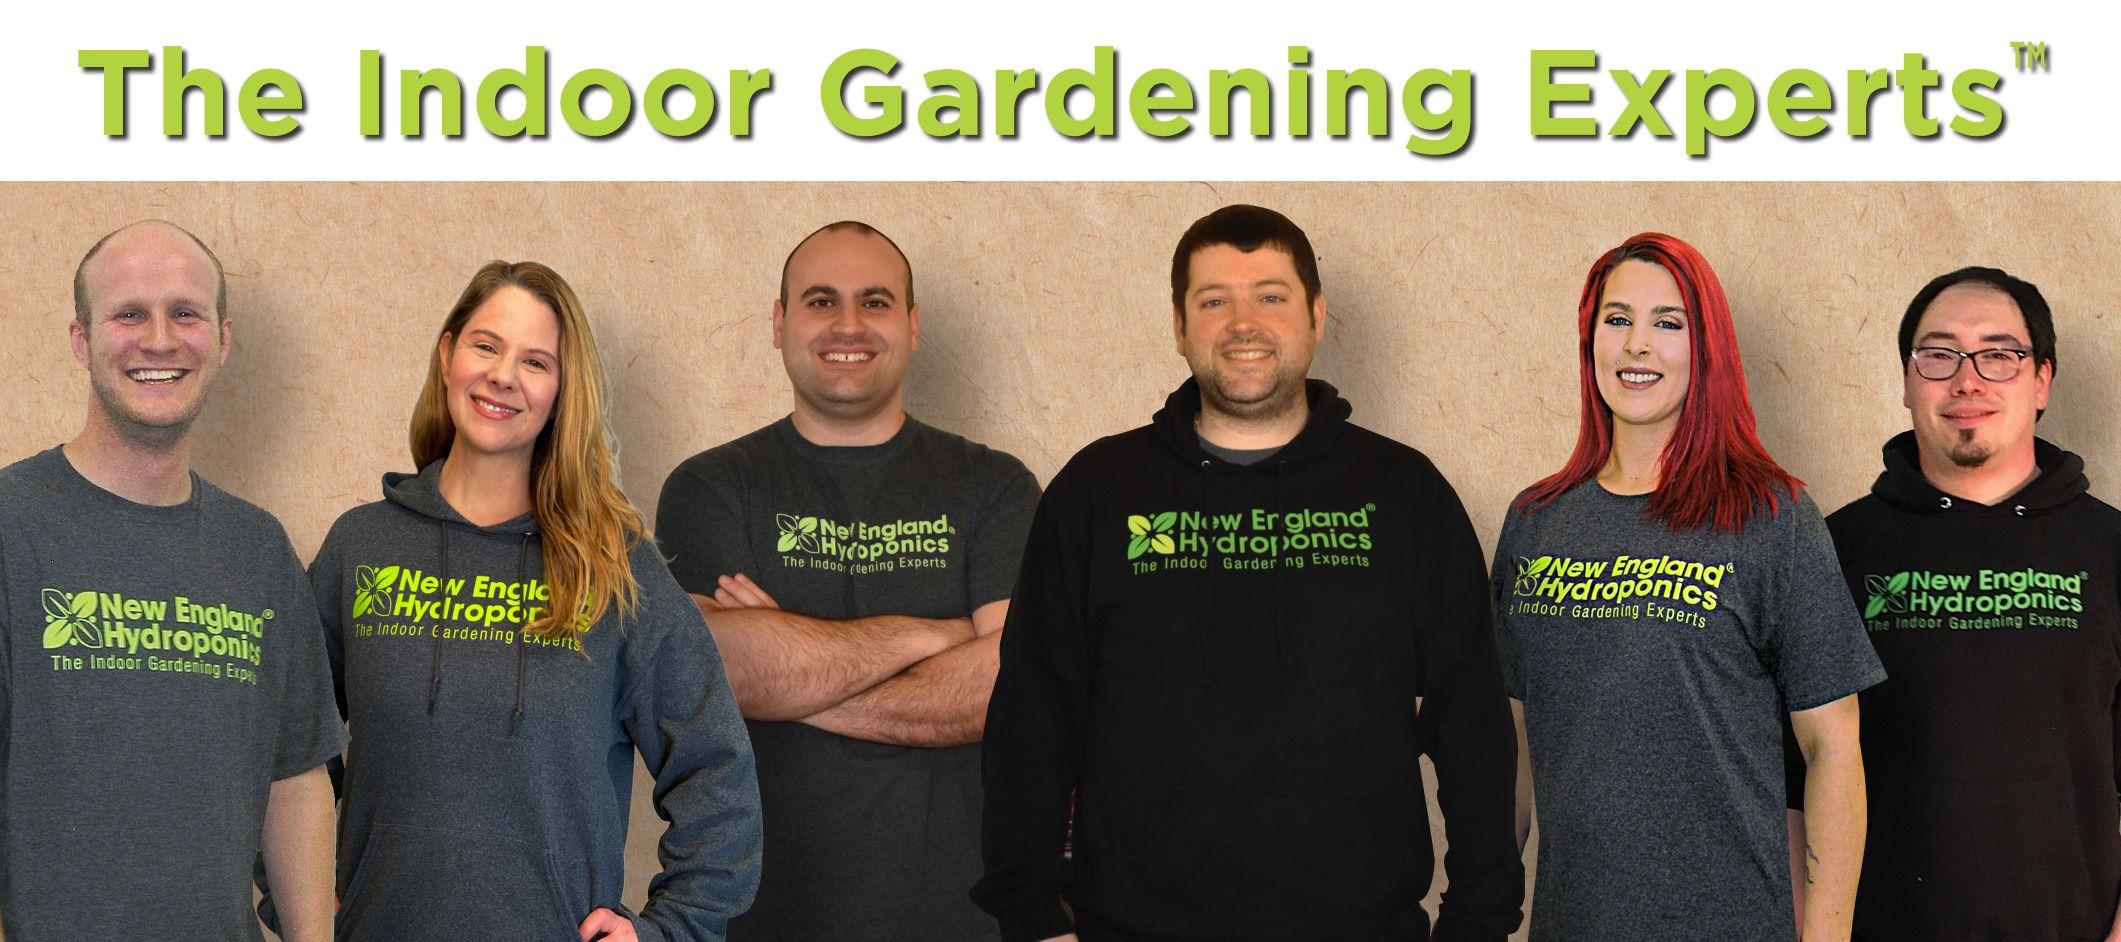 The Indoor Gardening Experts